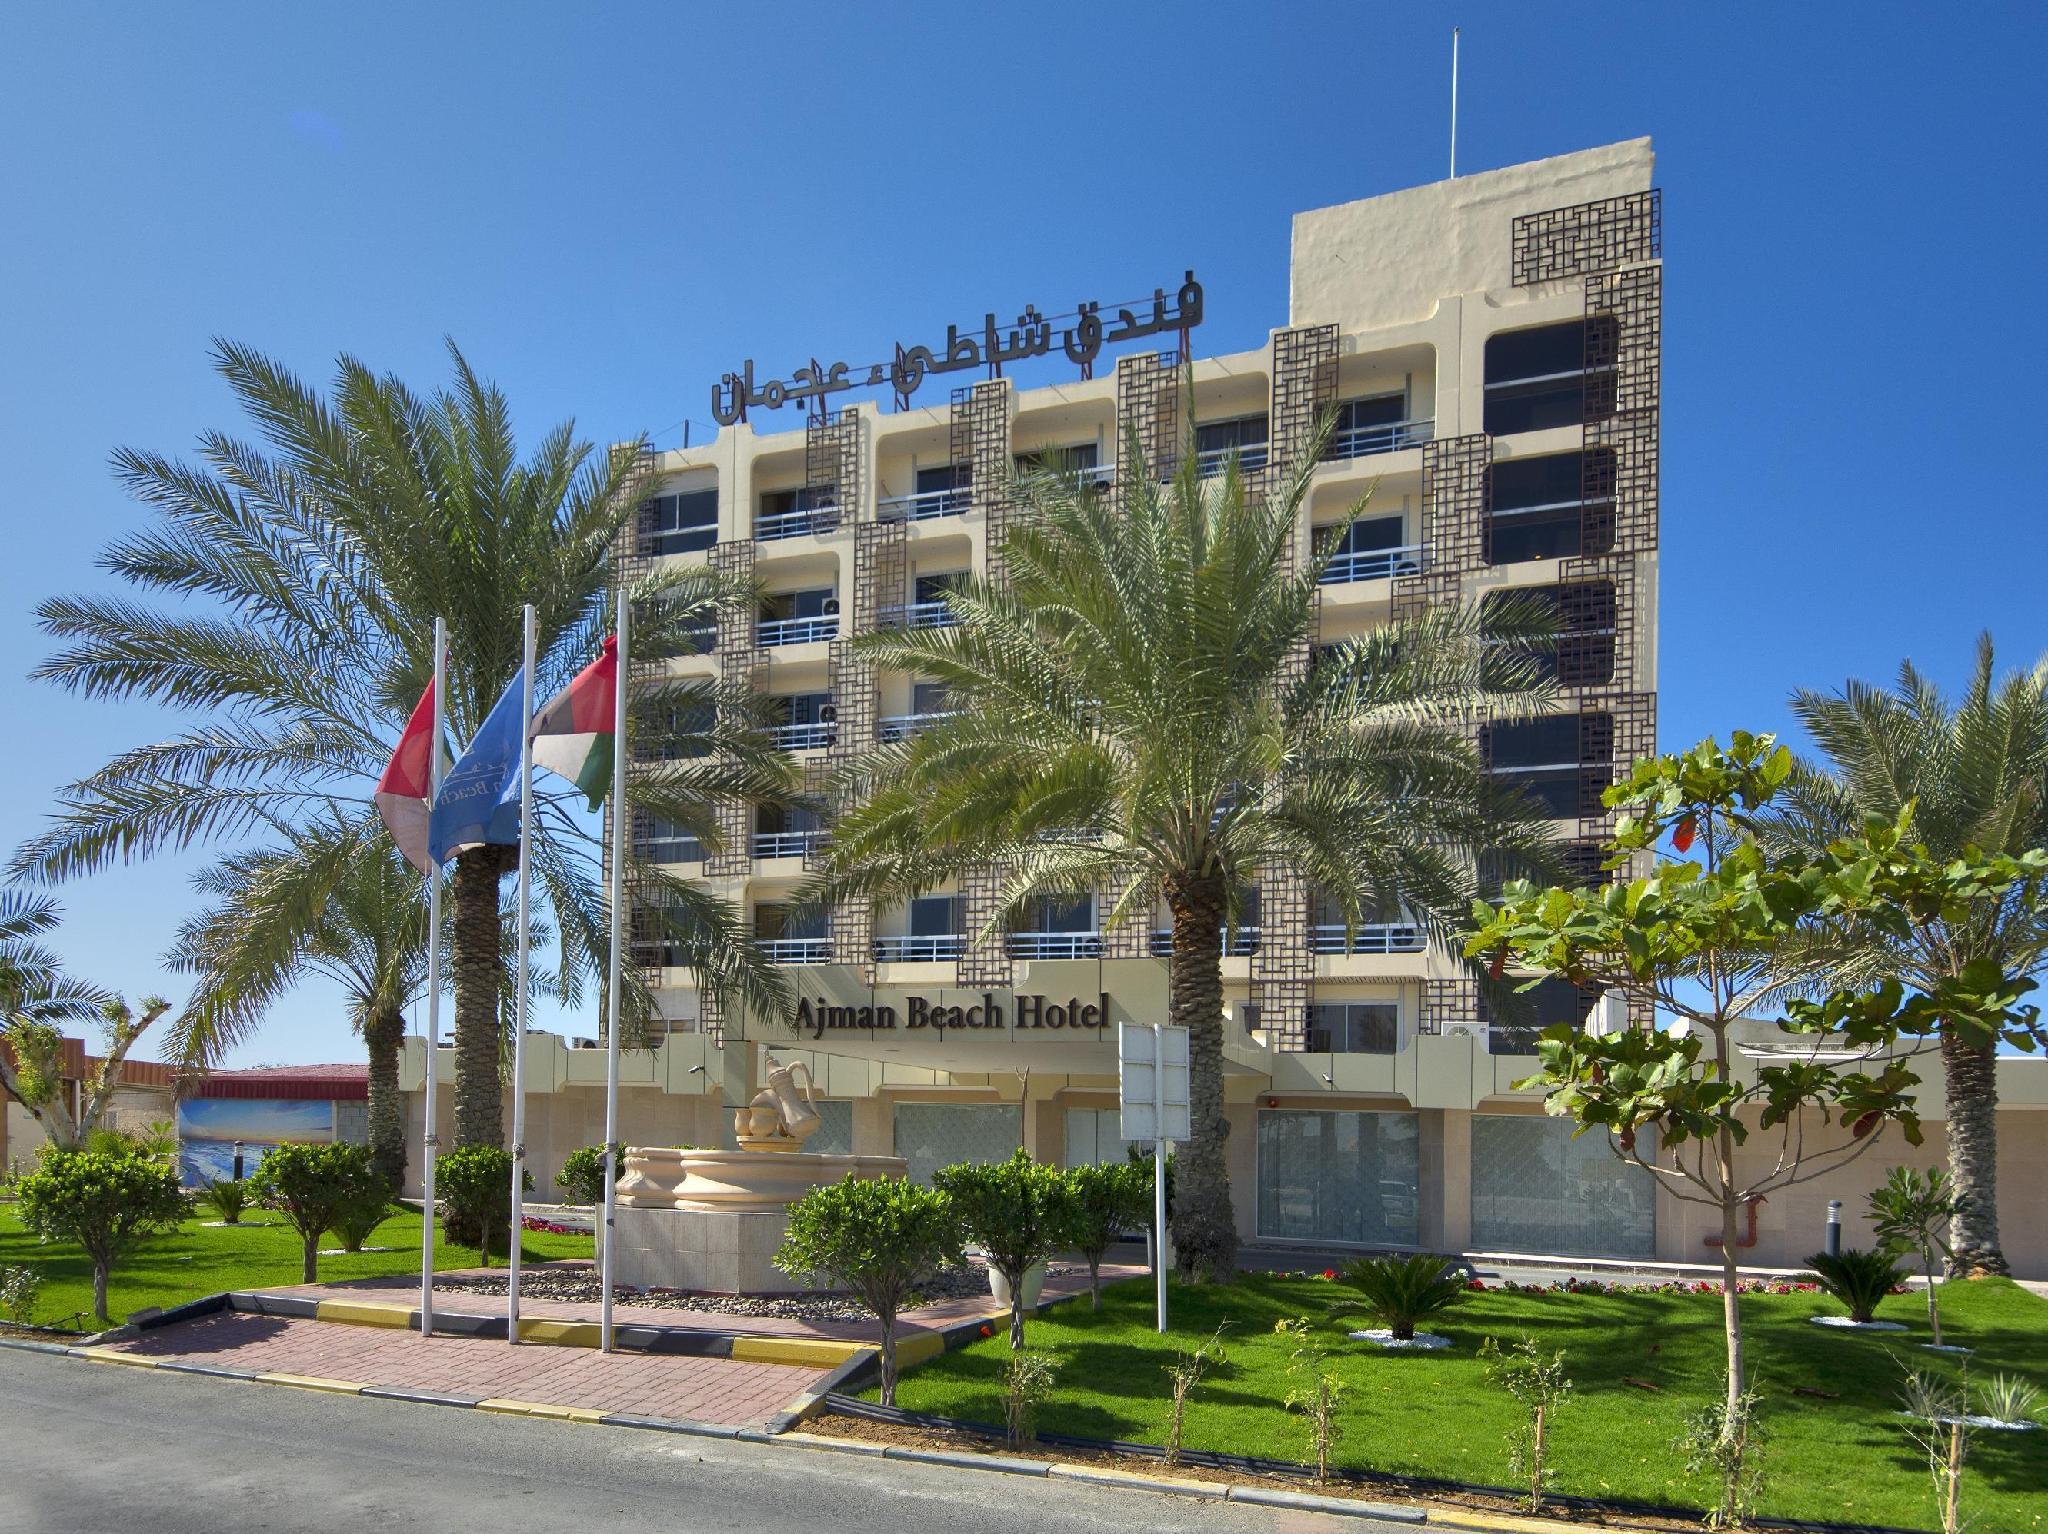 Ajman Beach Hotel Ajman